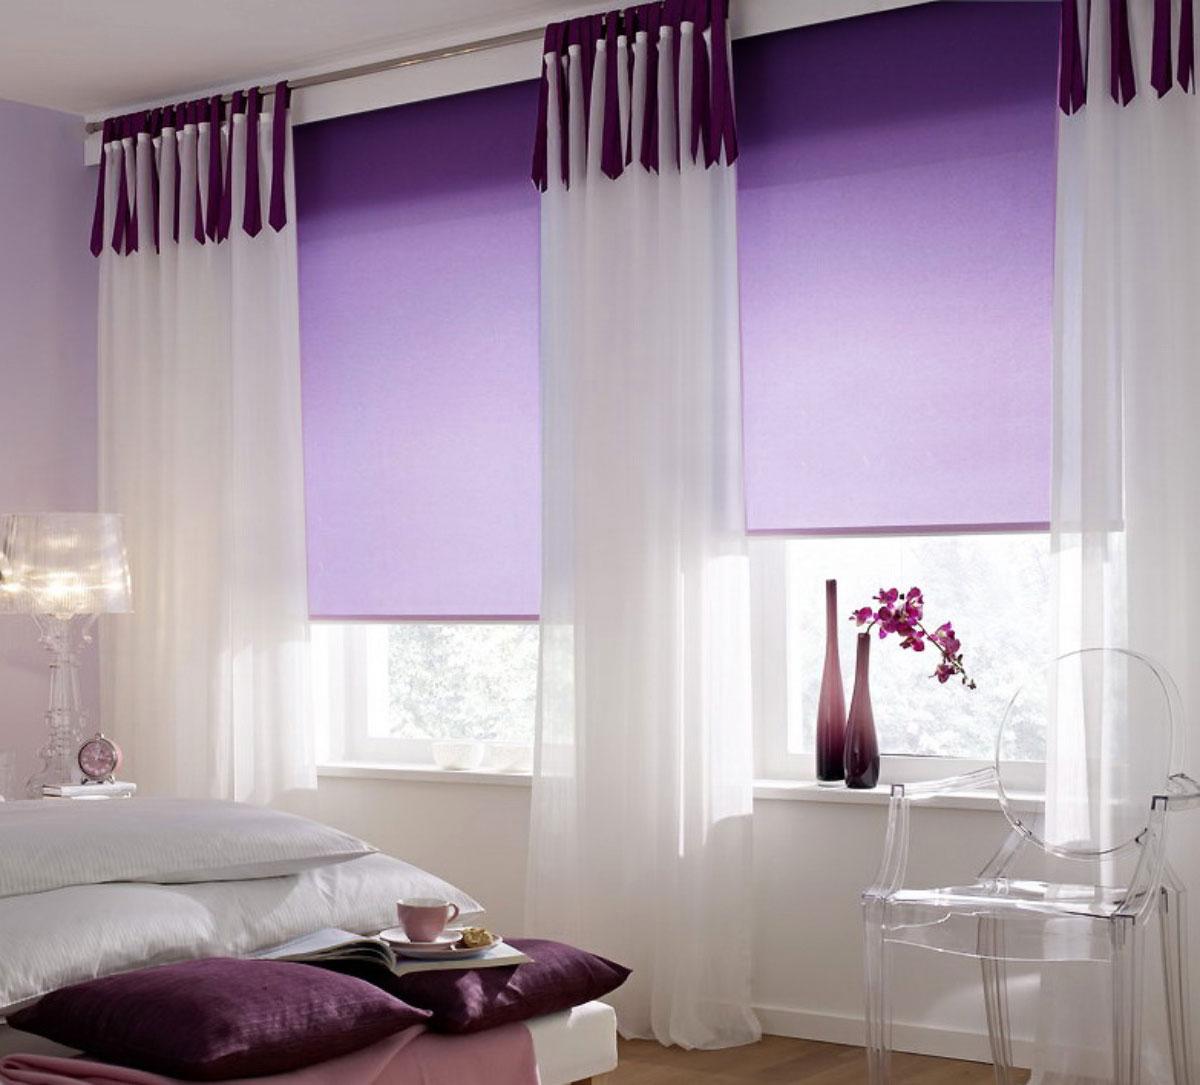 Штора рулонная KauffOrt Миниролло, цвет: фиолетовый, ширина 73 см, высота 170 см3073007Рулонная штора Миниролло выполнена из высокопрочной ткани, которая сохраняет свой размер даже при намокании. Ткань не выцветает и обладает отличной цветоустойчивостью. Миниролло - это подвид рулонных штор, который закрывает не весь оконный проем, а непосредственно само стекло. Такие шторы крепятся на раму без сверления при помощи зажимов или клейкой двухсторонней ленты (в комплекте). Окно остается на гарантии, благодаря монтажу без сверления. Такая штора станет прекрасным элементом декора окна и гармонично впишется в интерьер любого помещения.